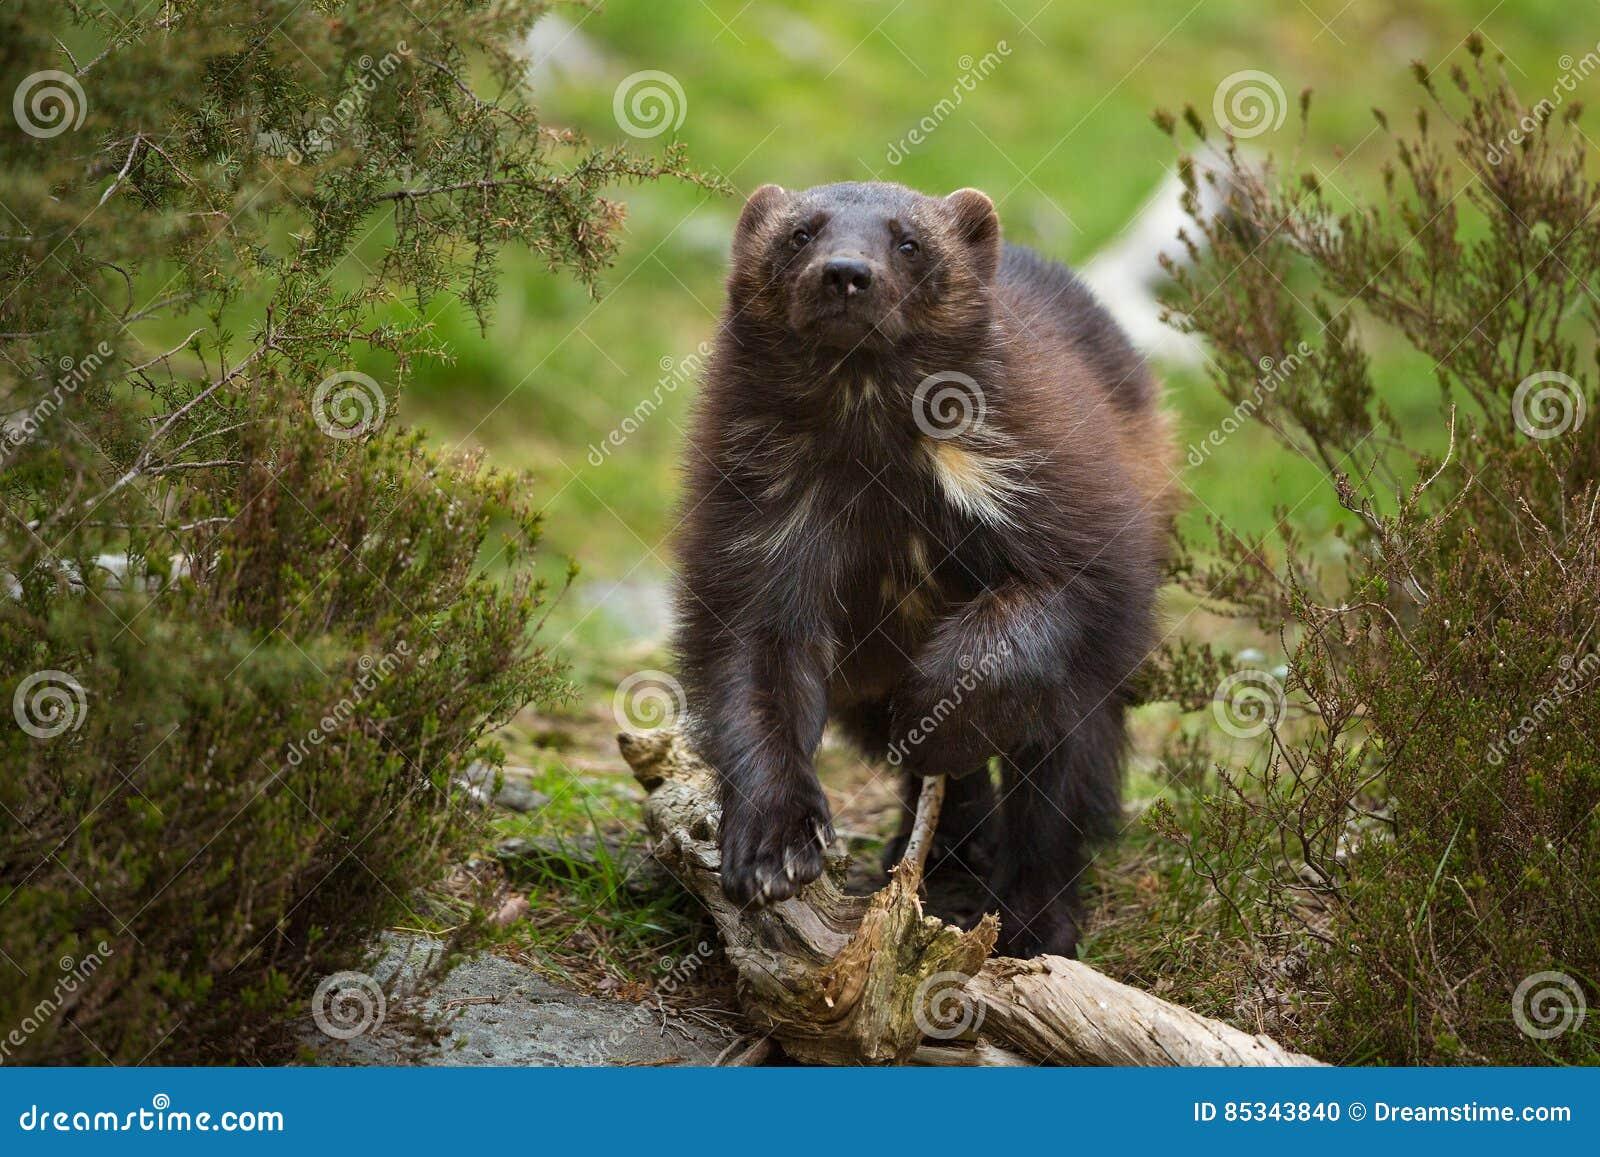 wolverine stockfoto. bild von wolverine, tiere, echt - 85343840